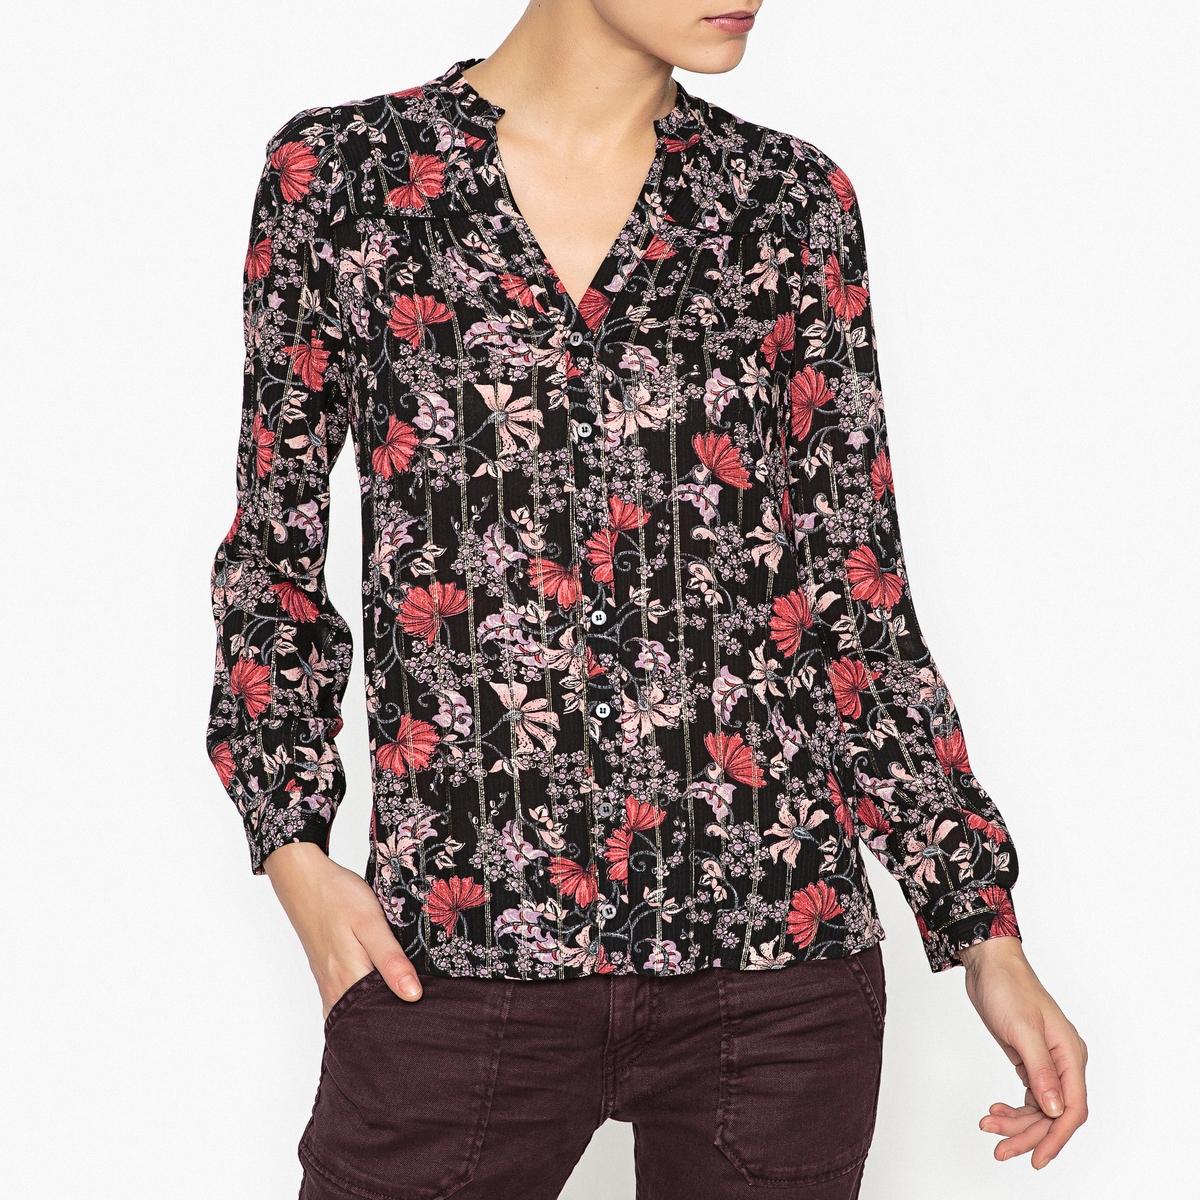 Рубашка блестящая с рисунком и длинными рукавами EDGYОписание:Блестящая рубашка с рисунком BA&amp;SH - модель EDGY с окантовкой.Детали  •  Длинные рукава •  Прямой покрой •  Воротник-поло, рубашечный •  Рисунок-принт Состав и уход  •  98% вискозы, 2% металлизированных волокон •  Следуйте рекомендациям по уходу, указанным на этикетке изделия •  Сборки на плечах •  V-образный вырез со складками сзади •  Застежка на пуговицы спереди, манжеты на пуговицах<br><br>Цвет: черный